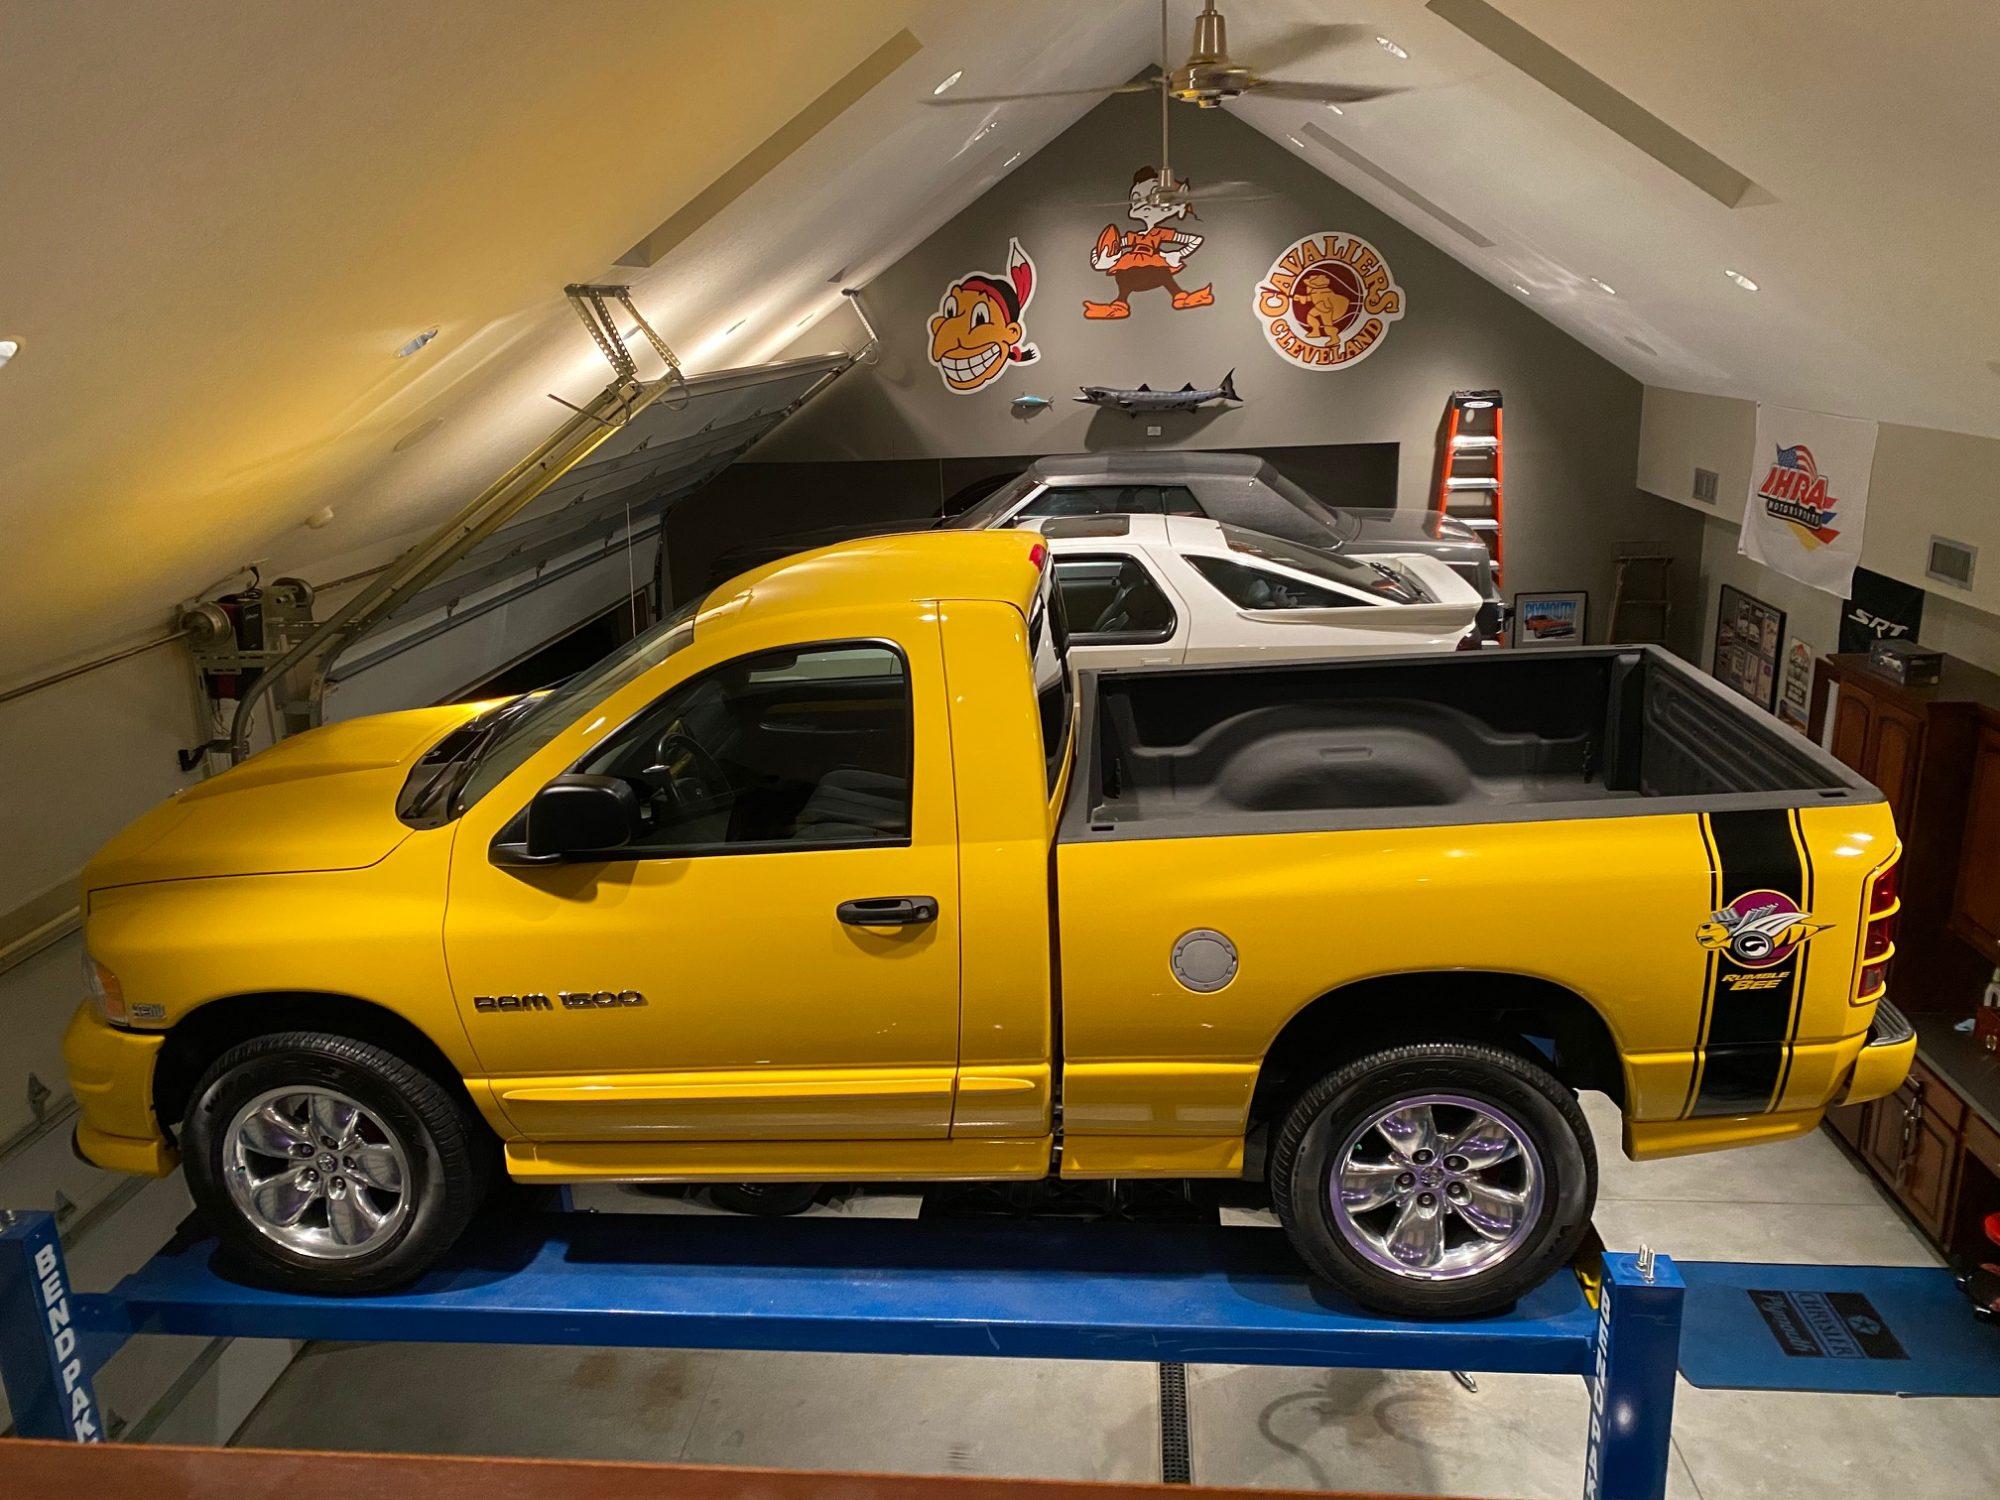 2004 Dodge Ram Rumble Bee in Solar Yellow